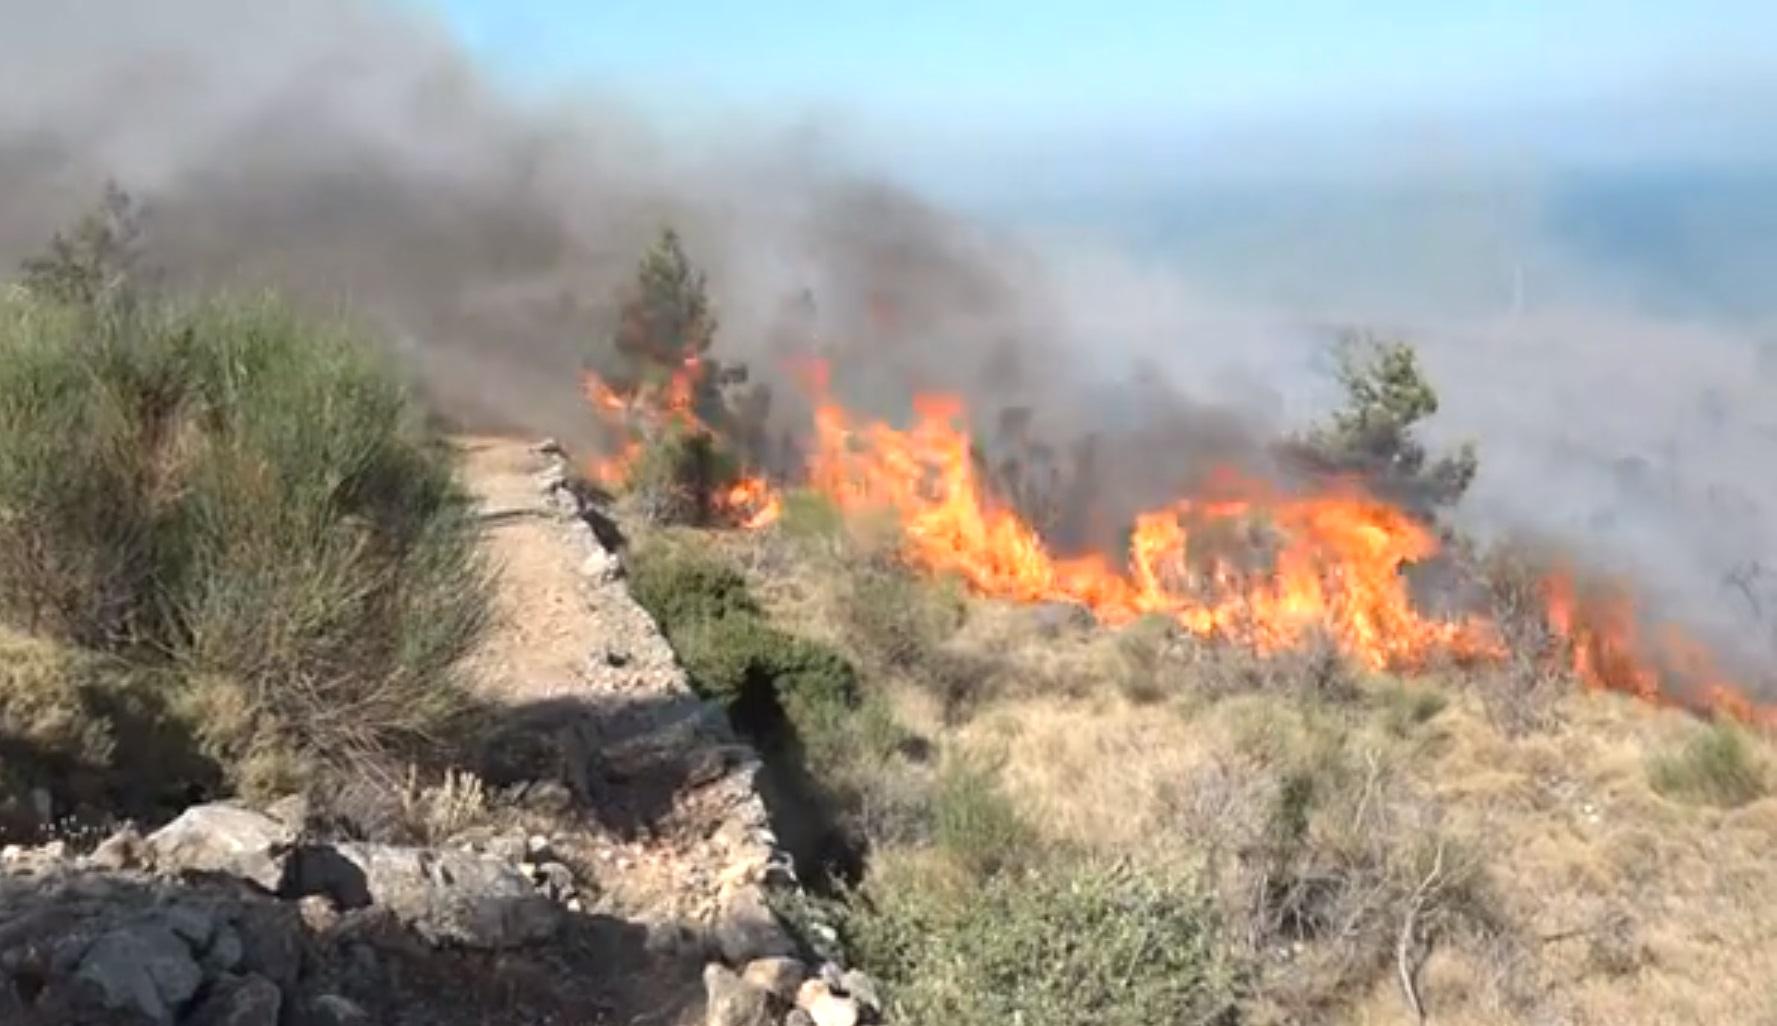 Μεγάλη φωτιά στη Χίο – Απειλεί το χωριό Κατάβαση